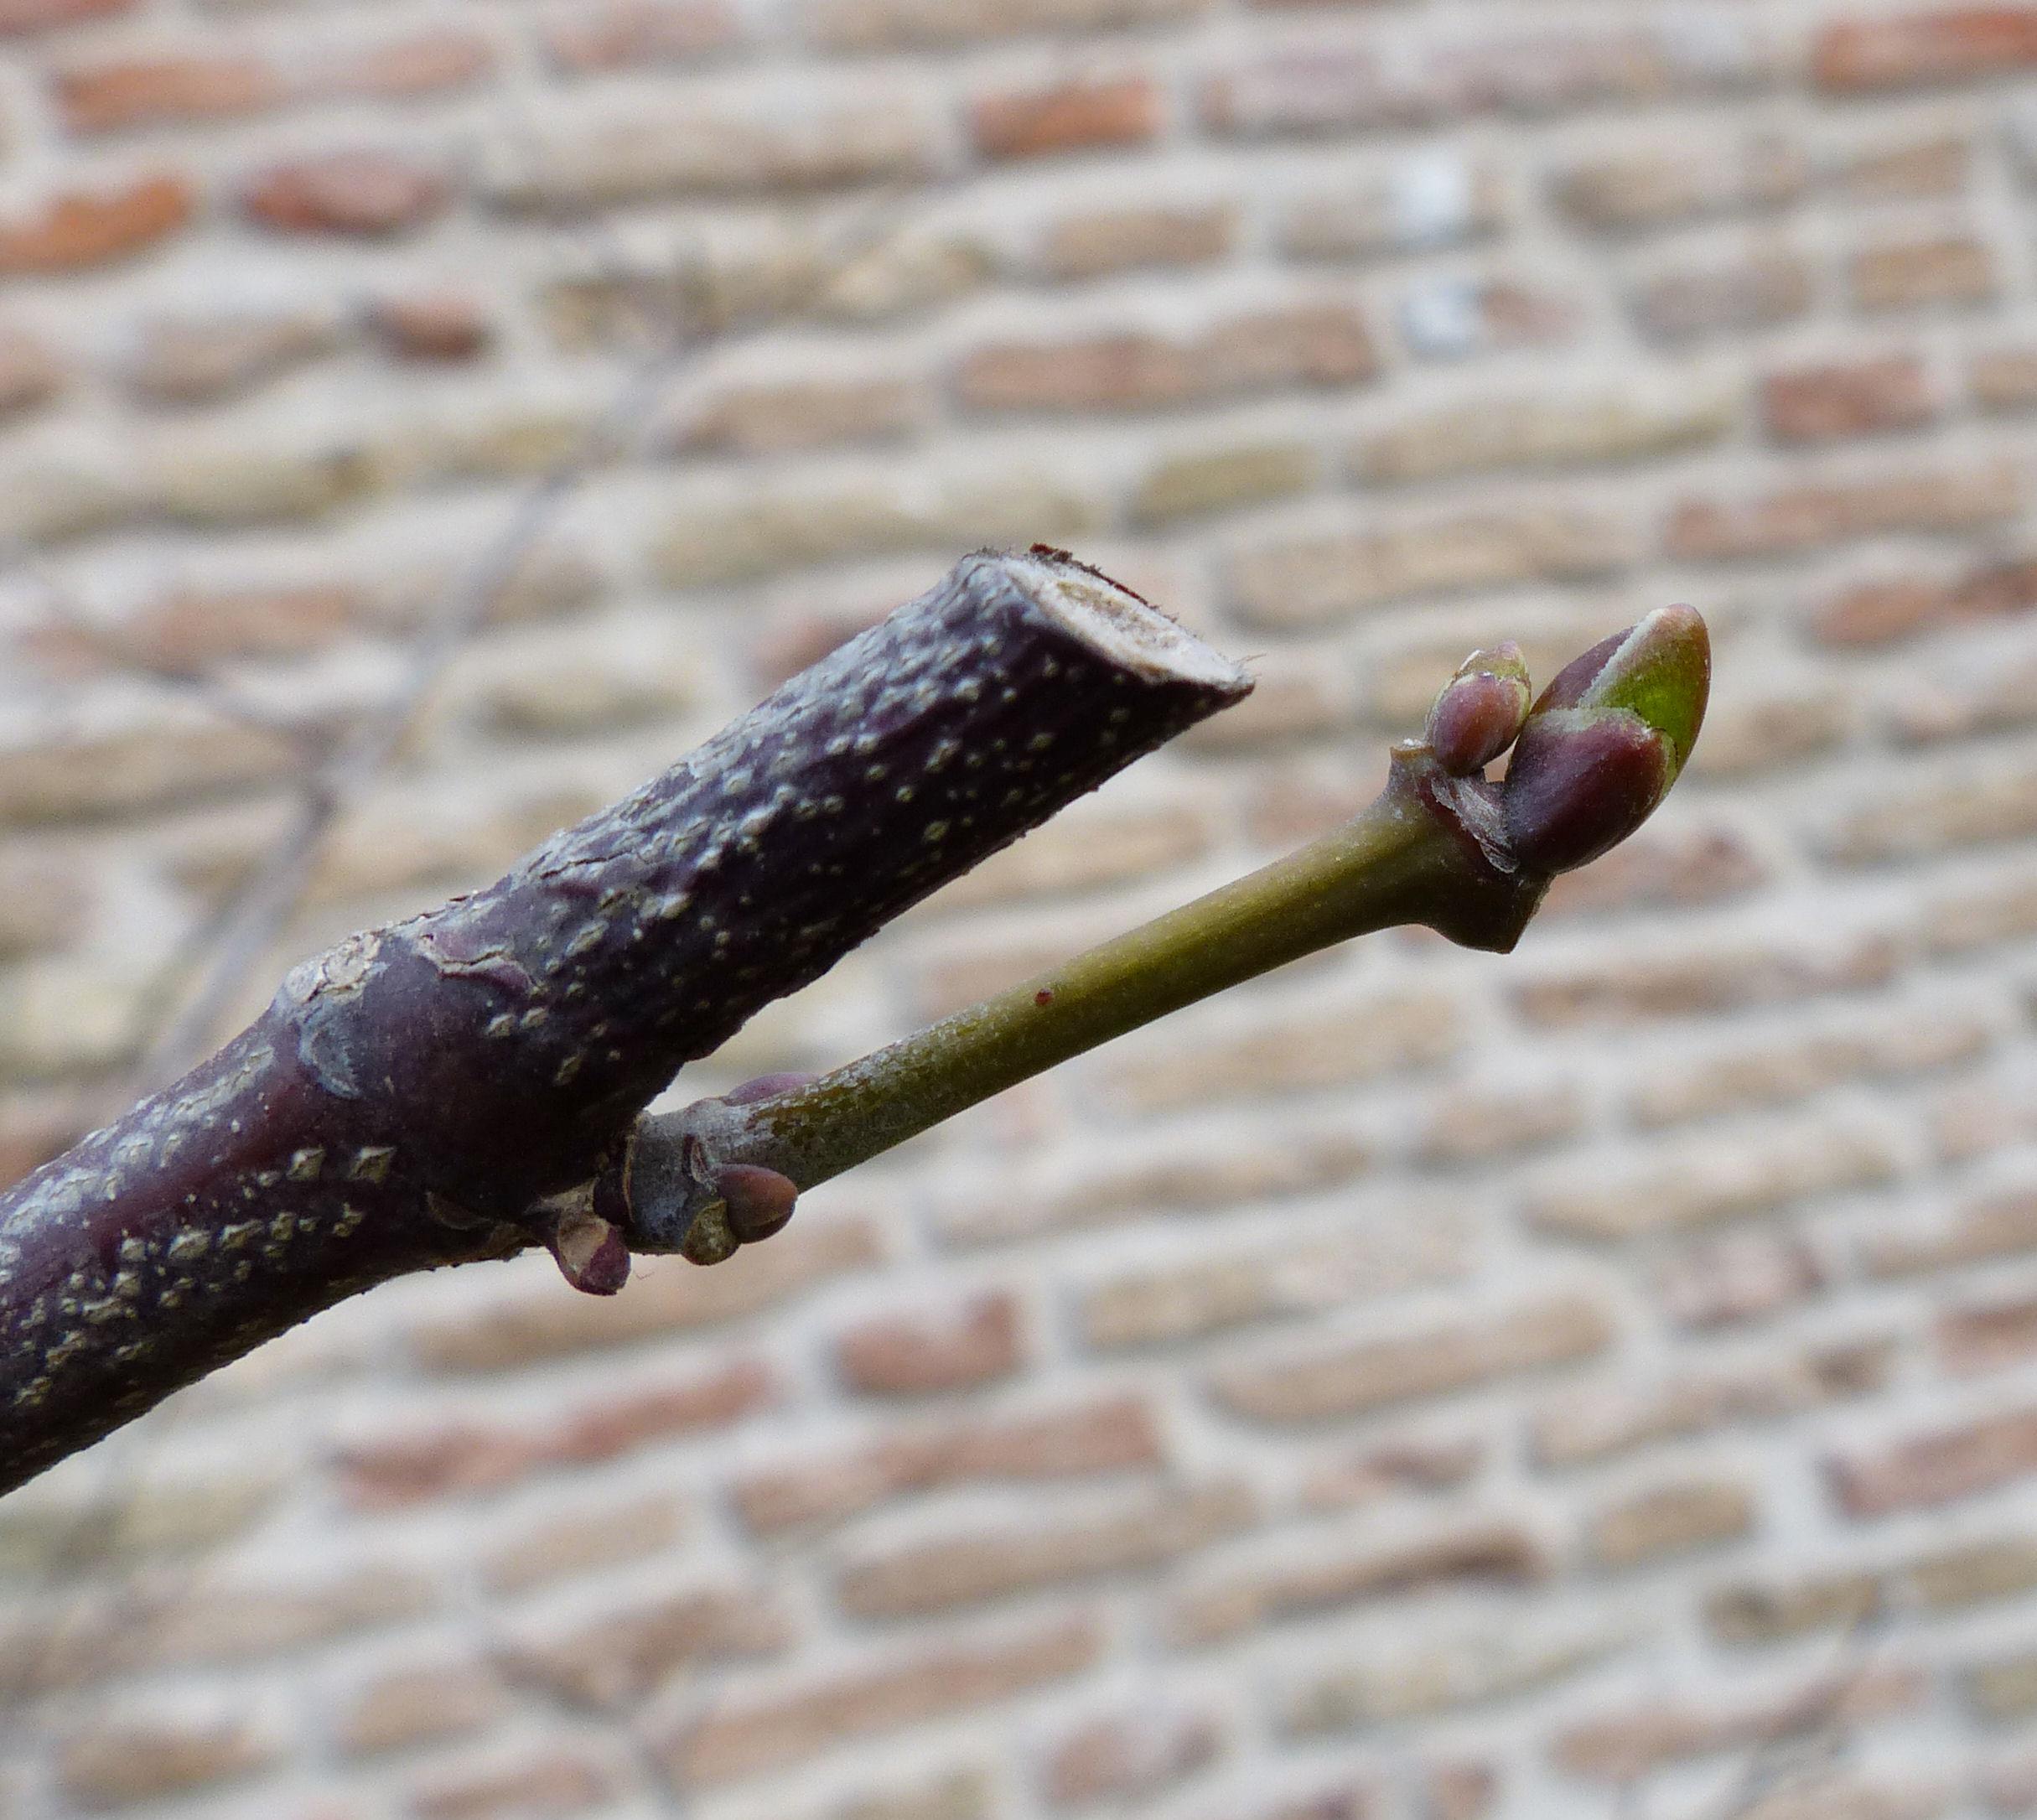 © Dipartimento di Scienze della Vita, Università di Trieste<br>by Andrea Moro<br>Comune di Padova, Orto Botanico, PD, Veneto, Italia, 27/02/2017<br>Distributed under CC-BY-SA 4.0 license.